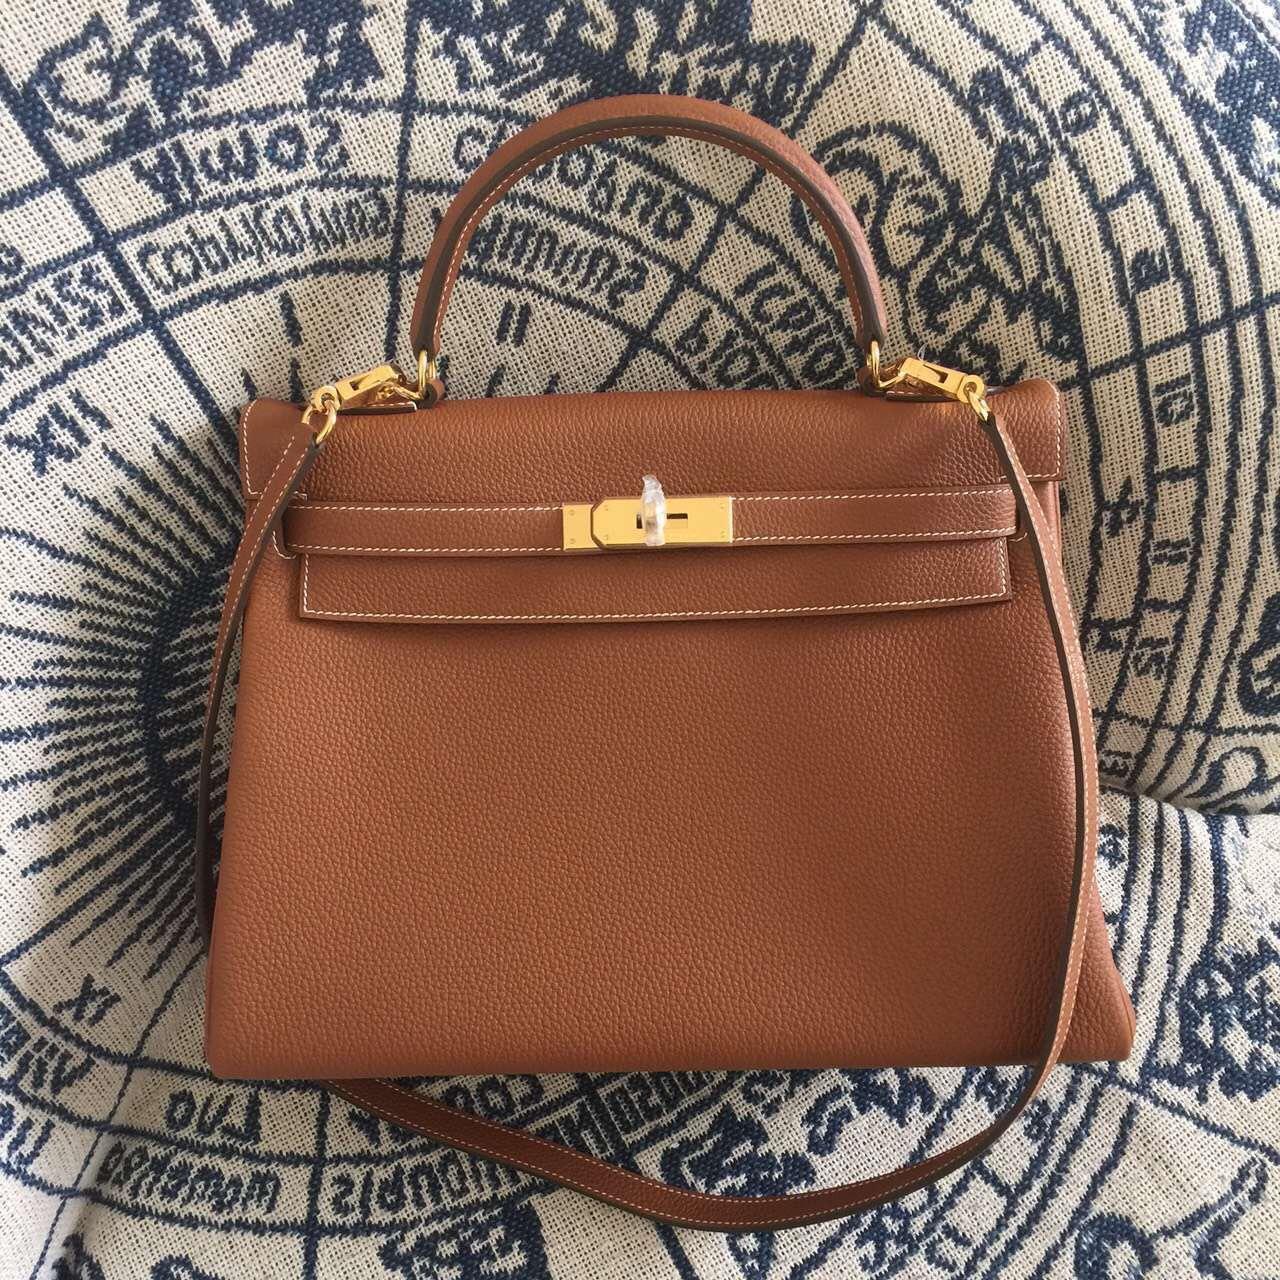 Hermes Kelly 28cm Bag Togo Leather Brown Gold Rh0533